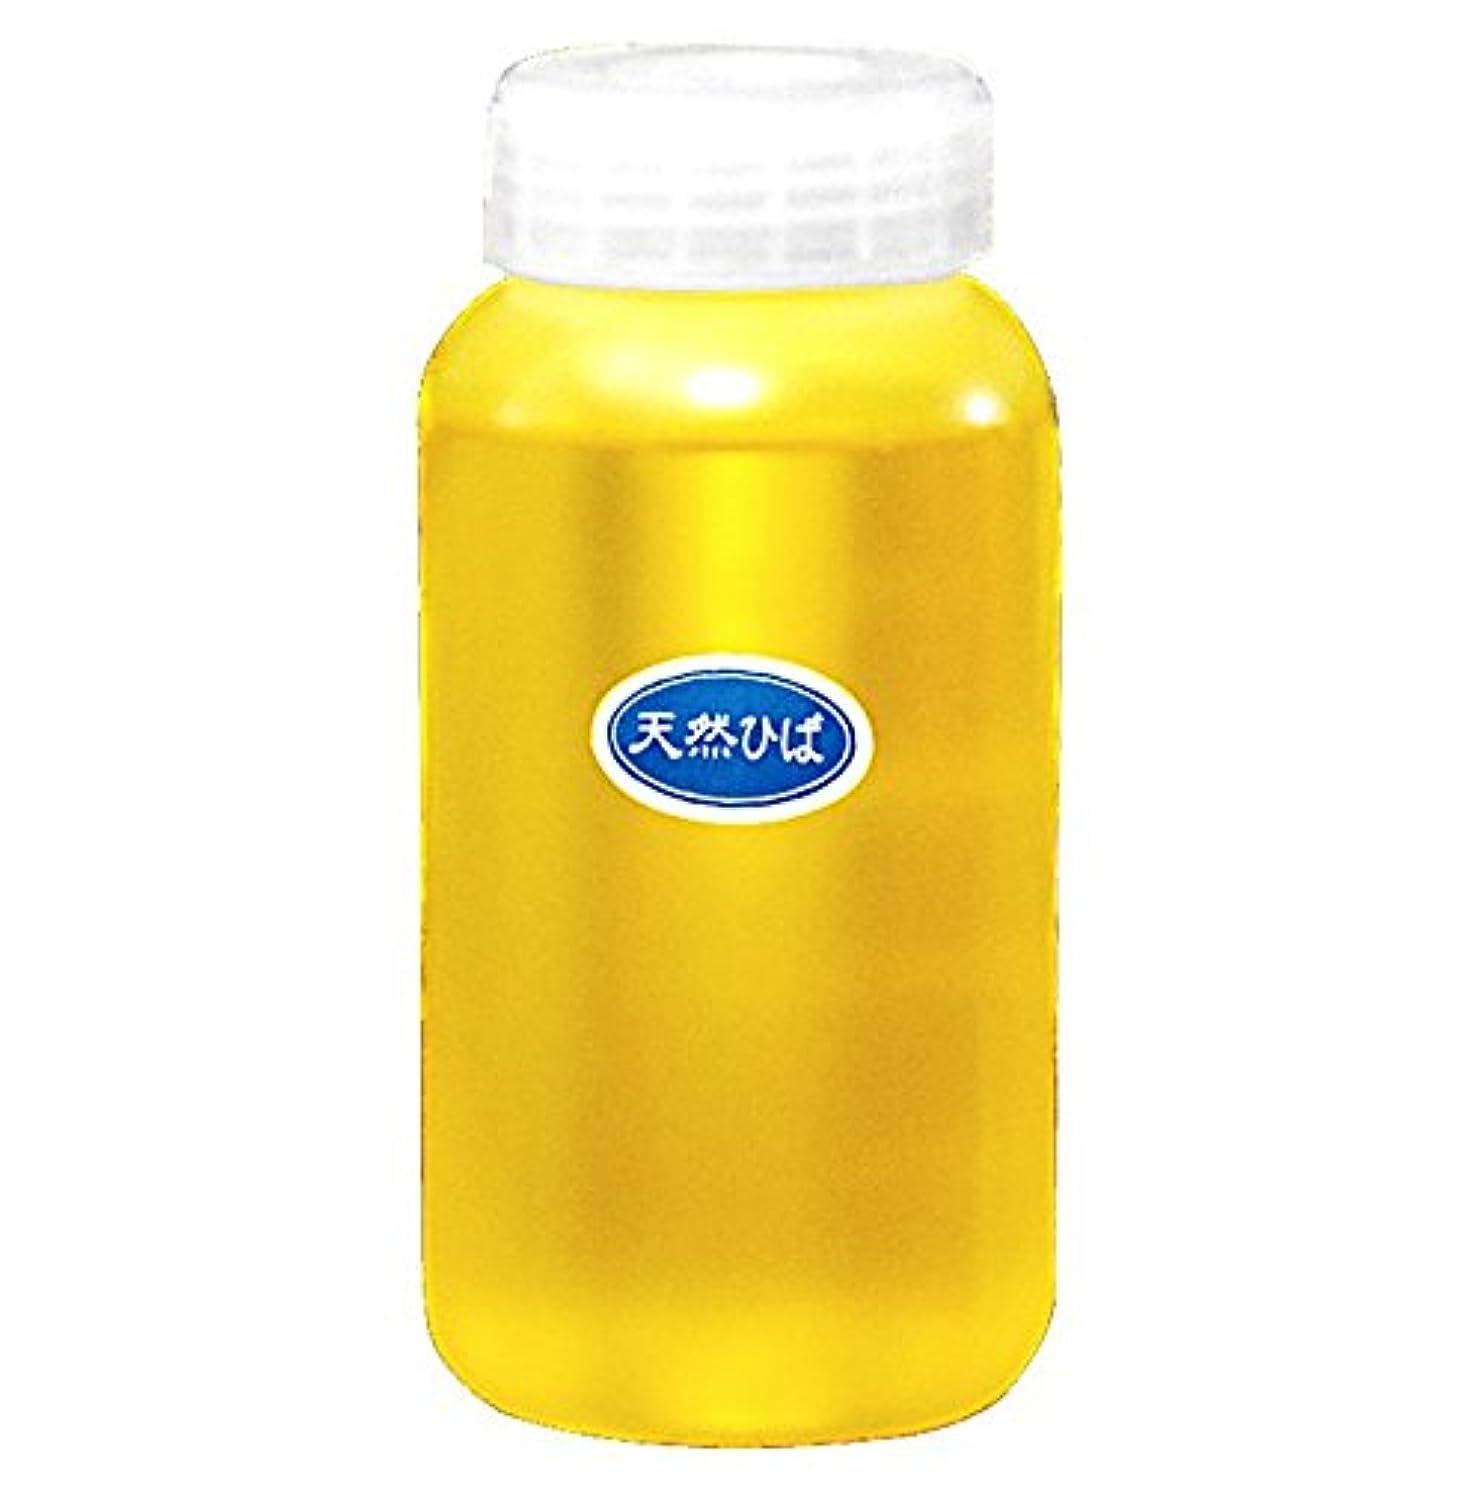 逆さまに軽蔑する部分的に青森県産 精油 天然ひば油 500ml